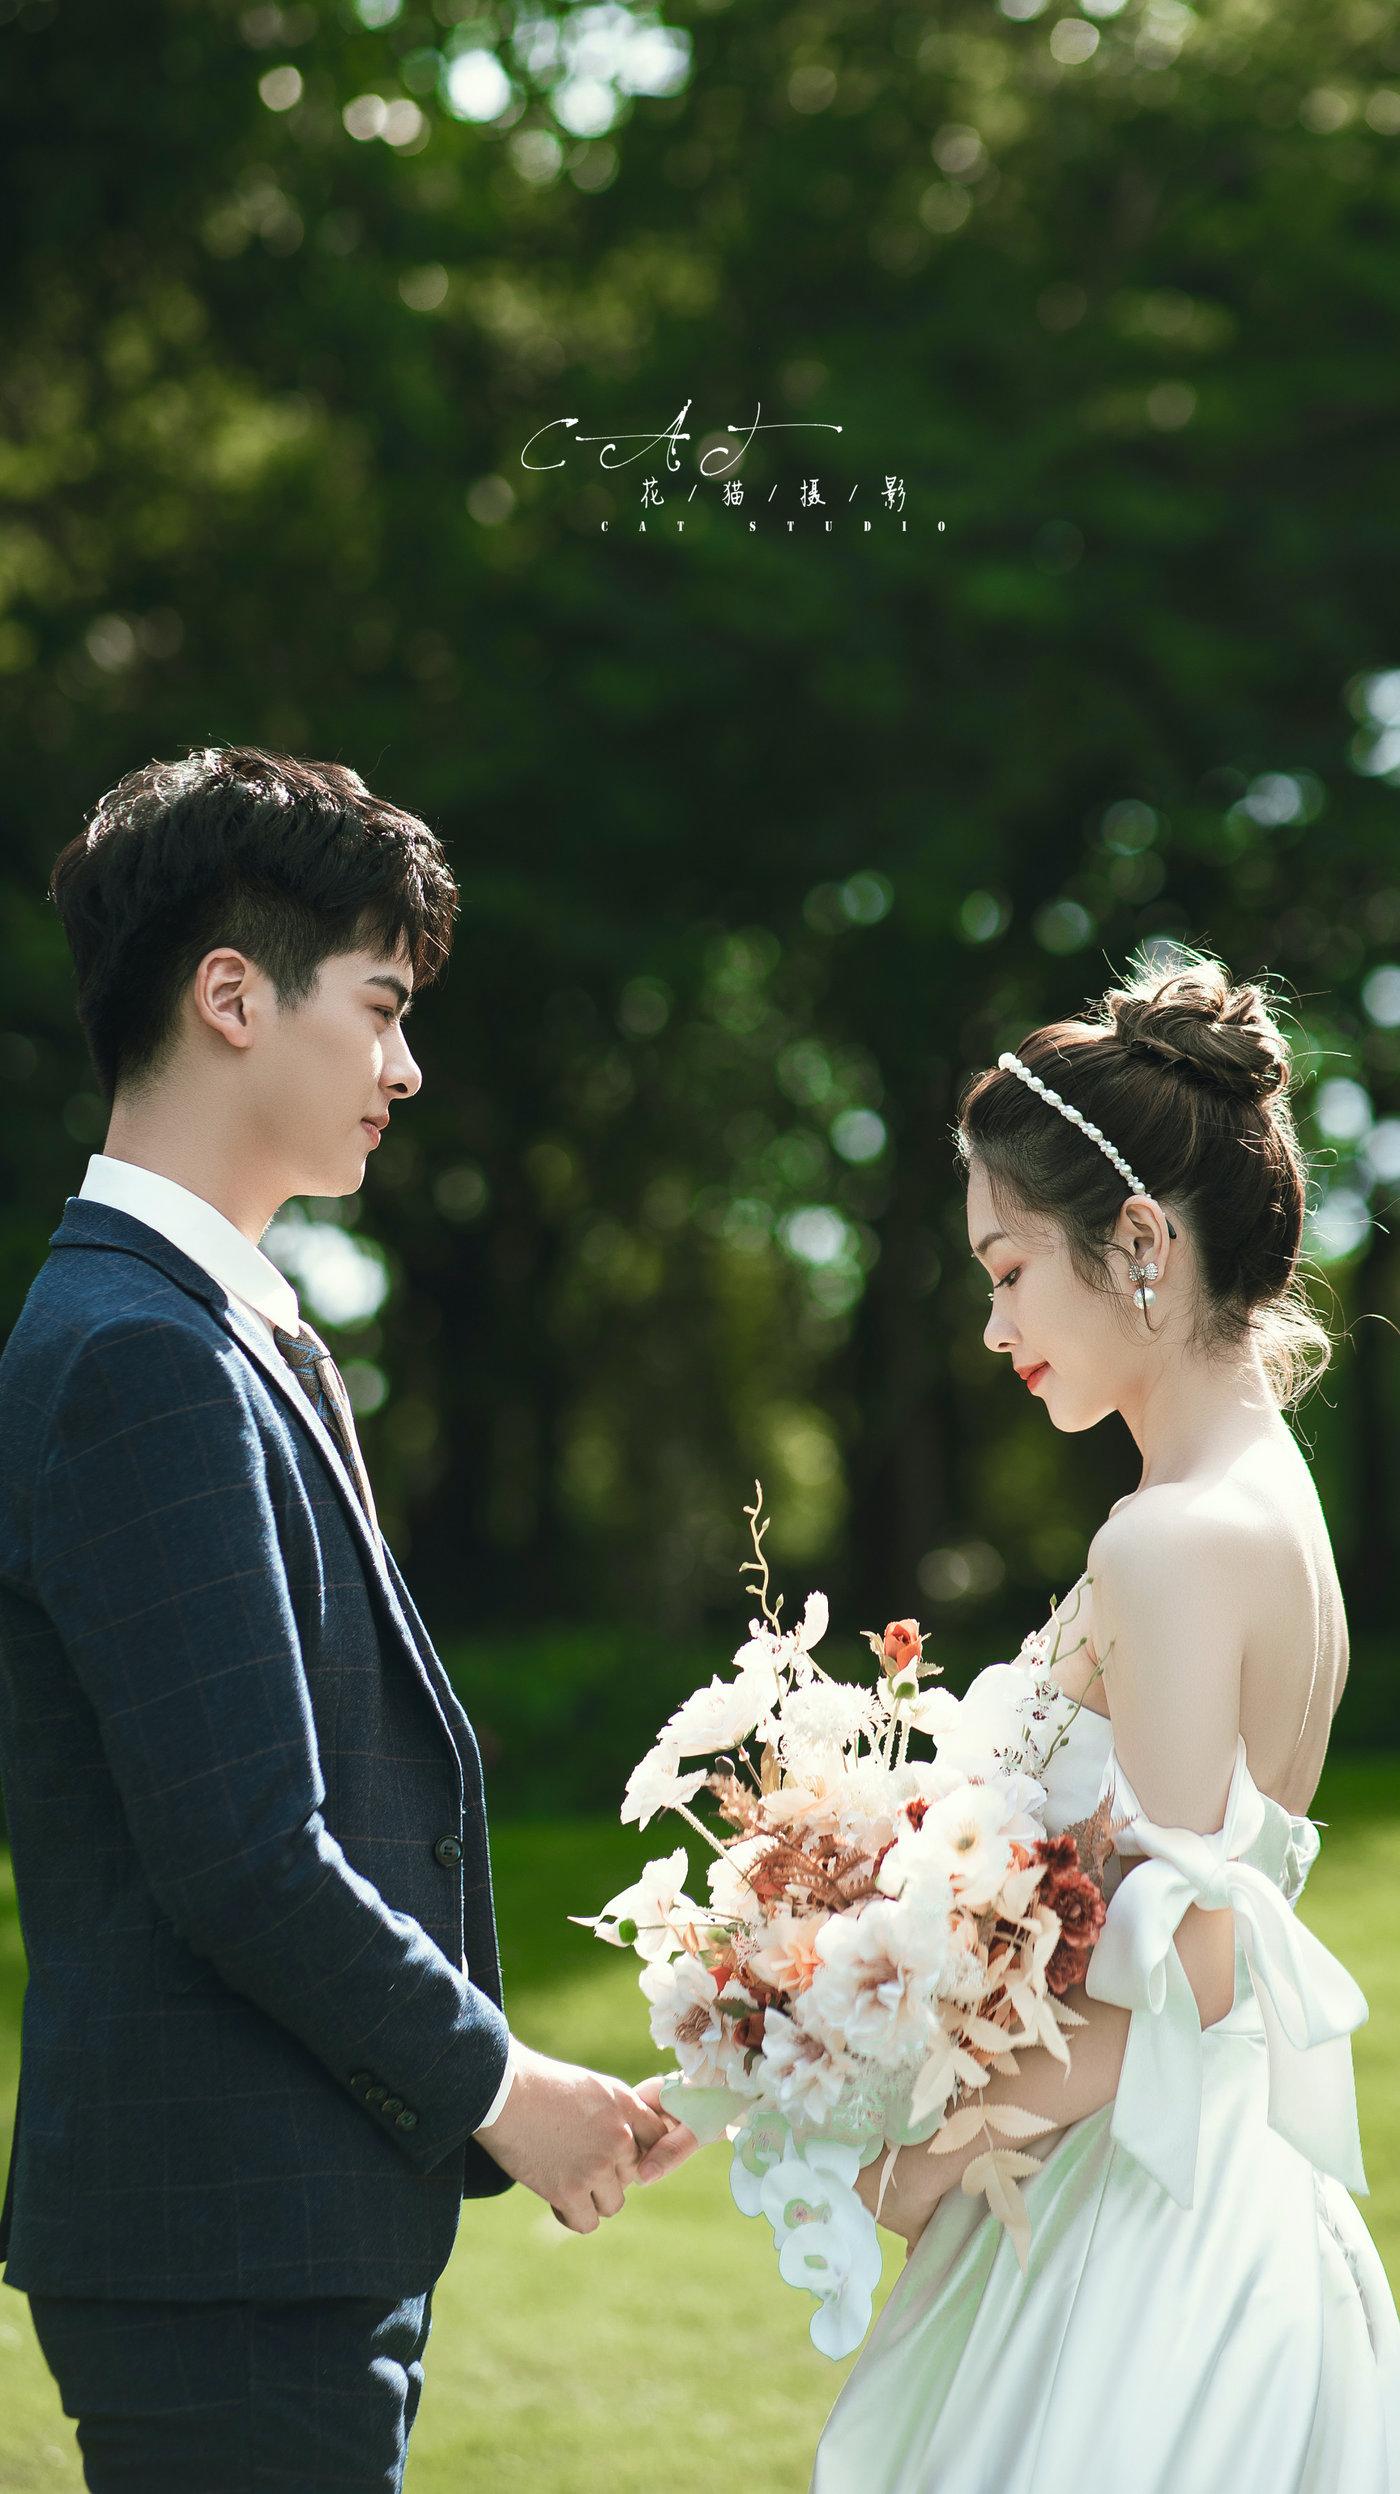 中山迪茵湖婚纱照5